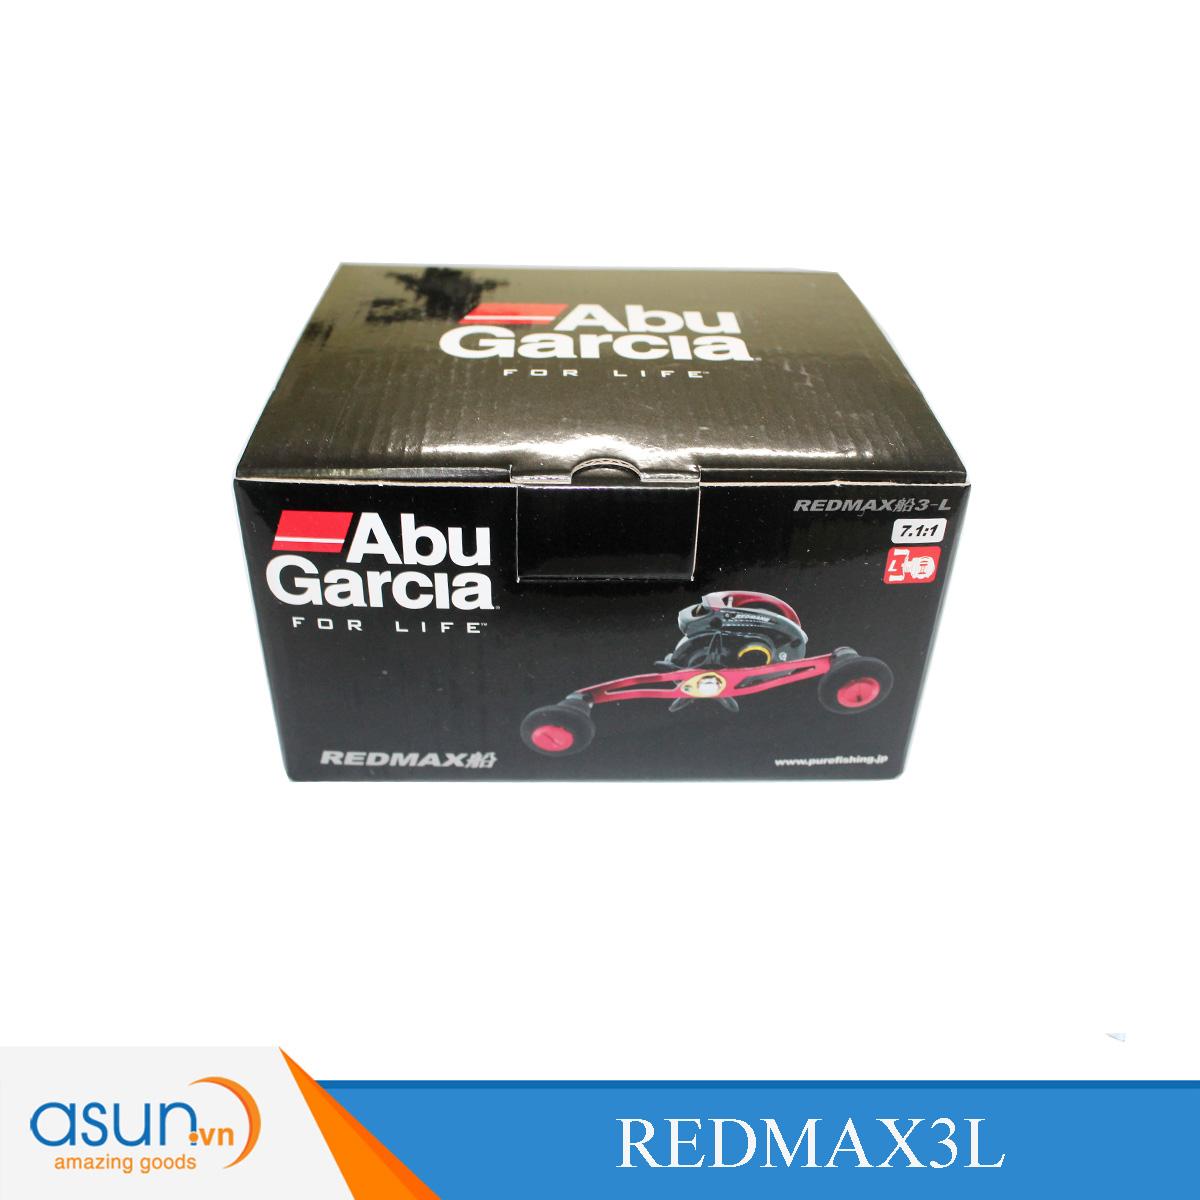 Máy Câu Ngang Abu Garcia Red Max 3 - Left Handle - Tay quay bên trái chính hãng